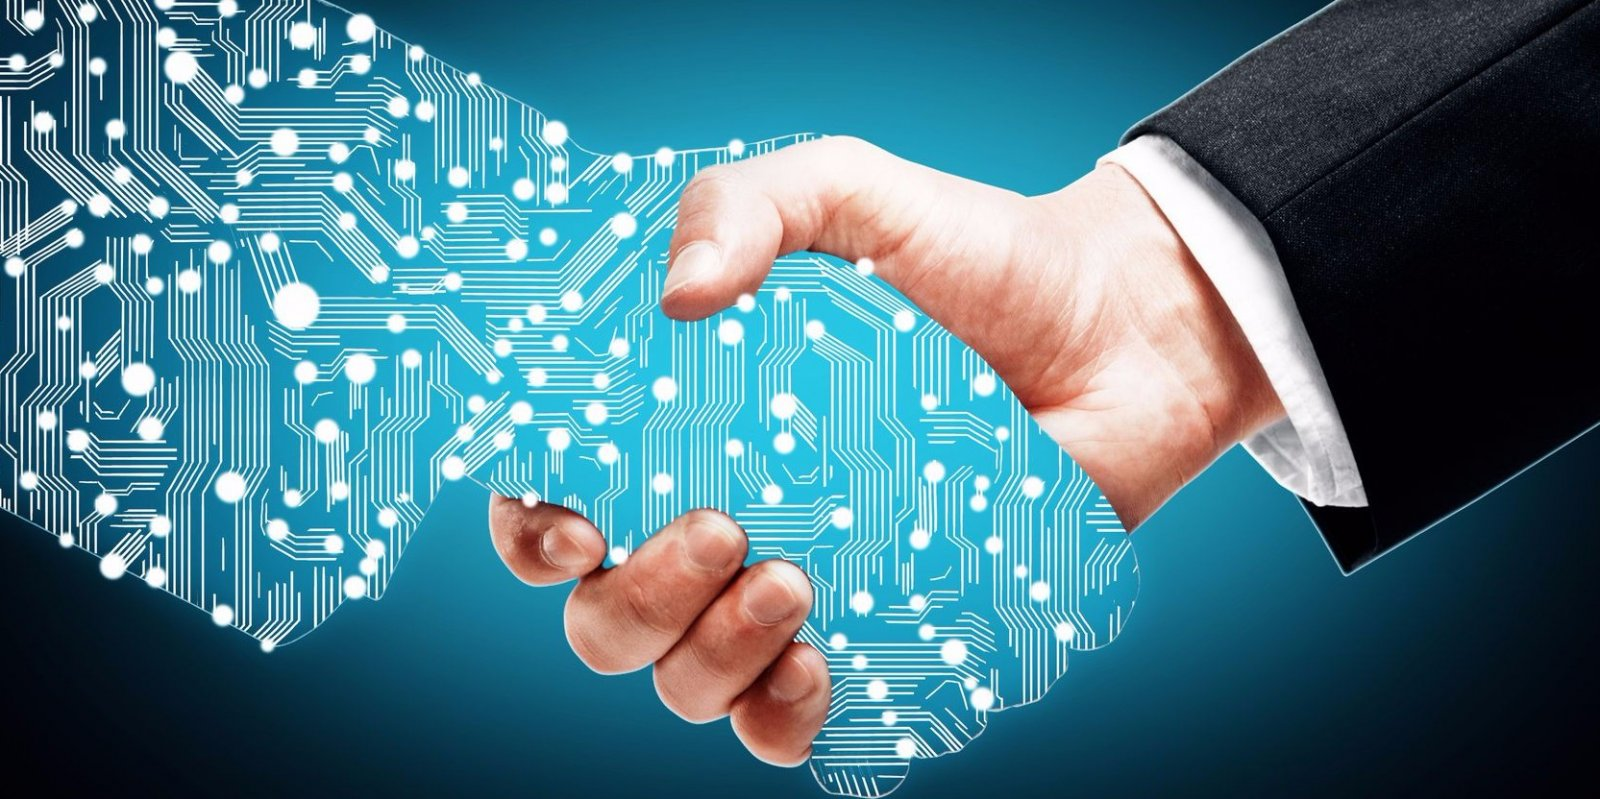 В России создана ассоциация практиков цифровизации крупного и среднего бизнеса